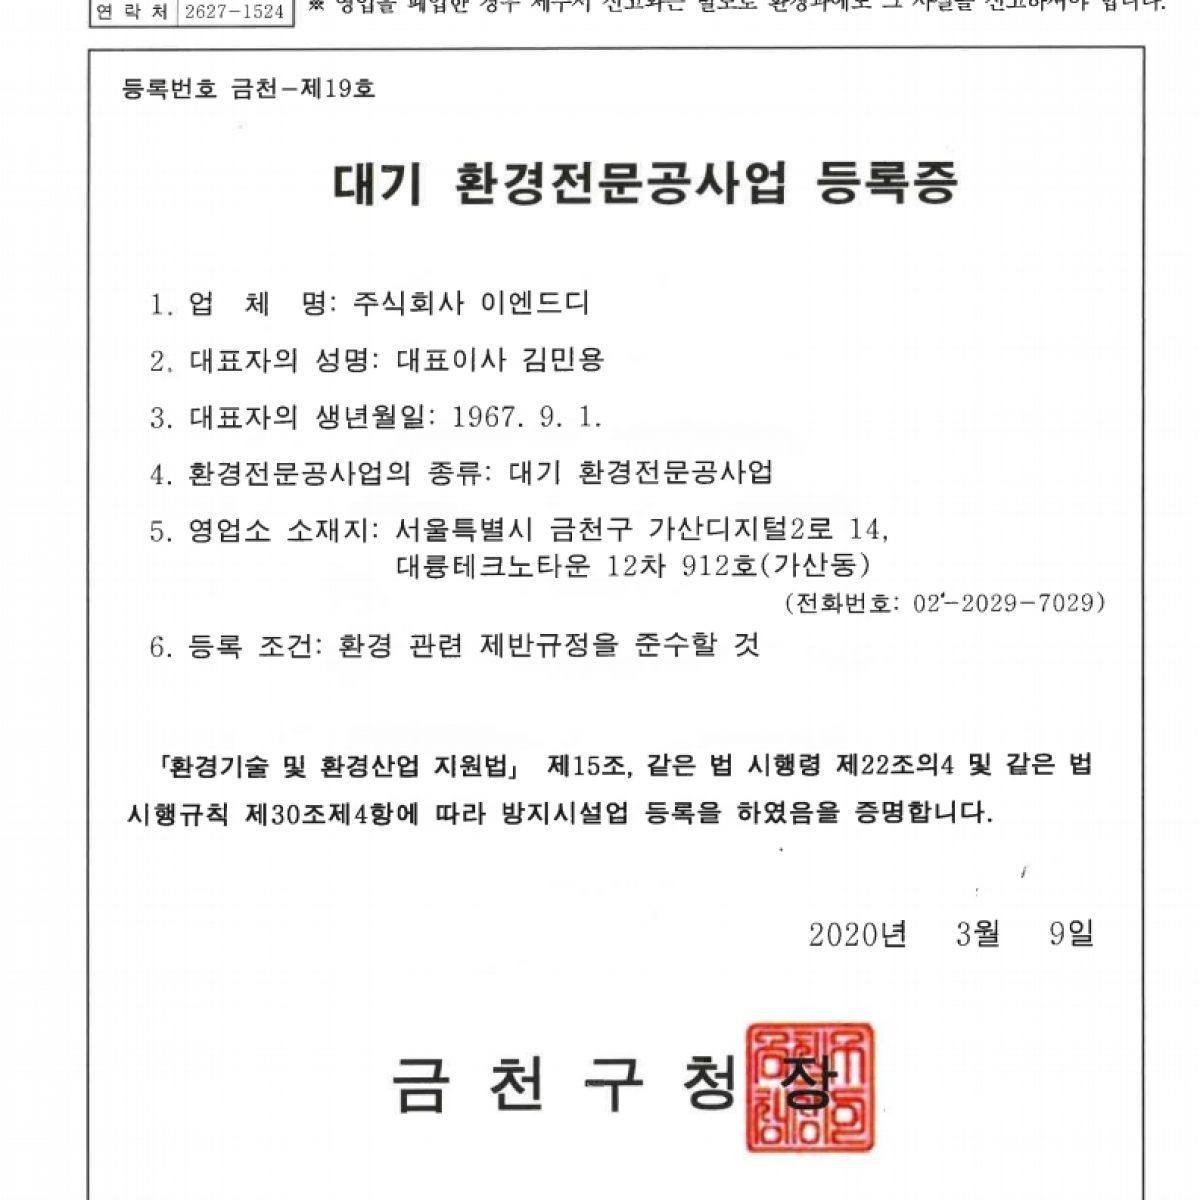 대기 환경전문공사업 등록증_20200309.pdf_page_1